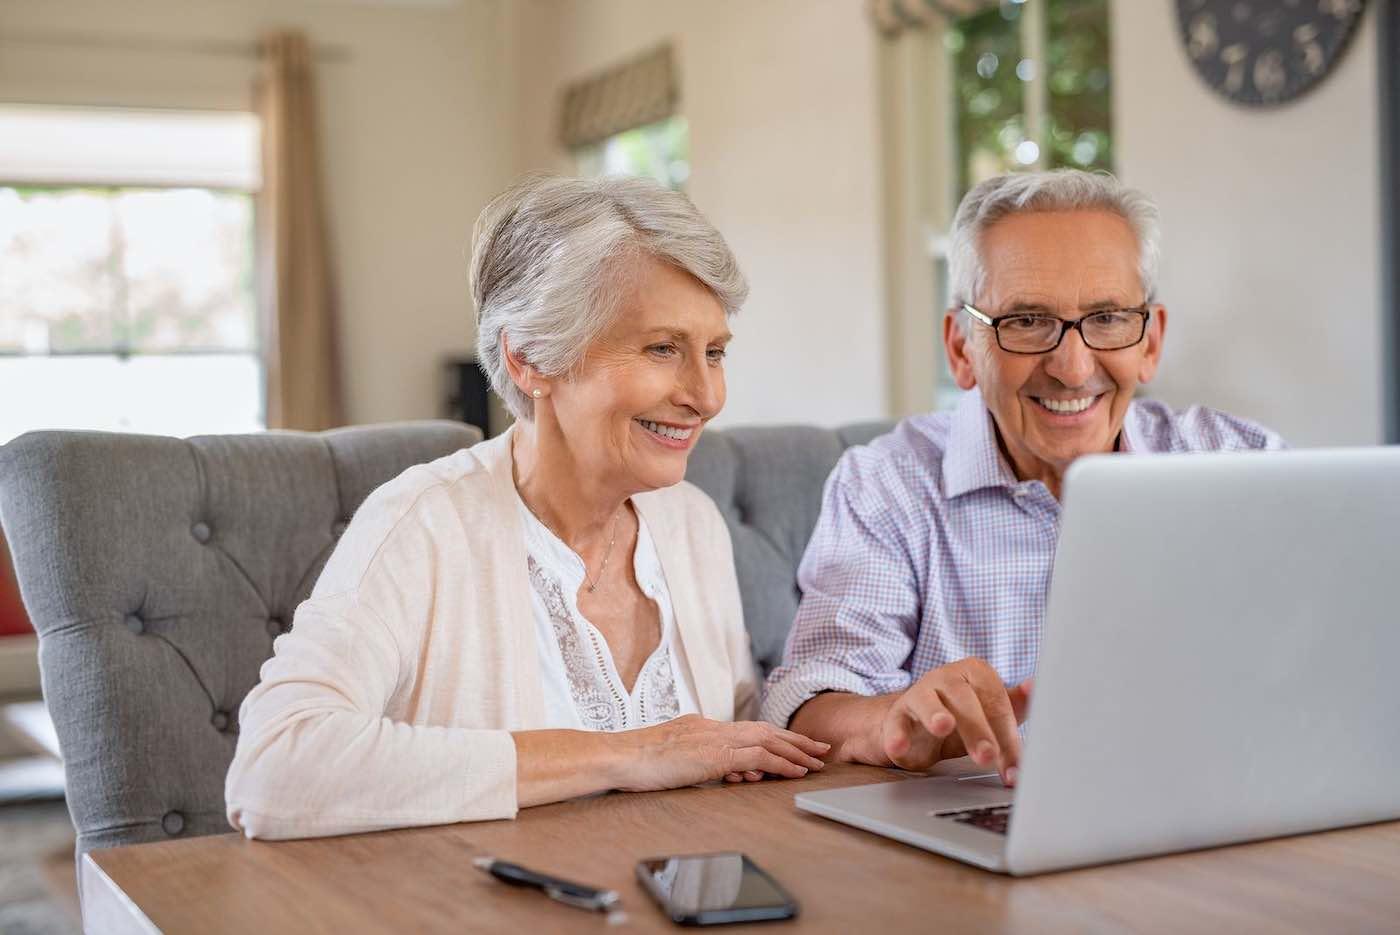 matrimonio de personas mayores usando ordenador felices